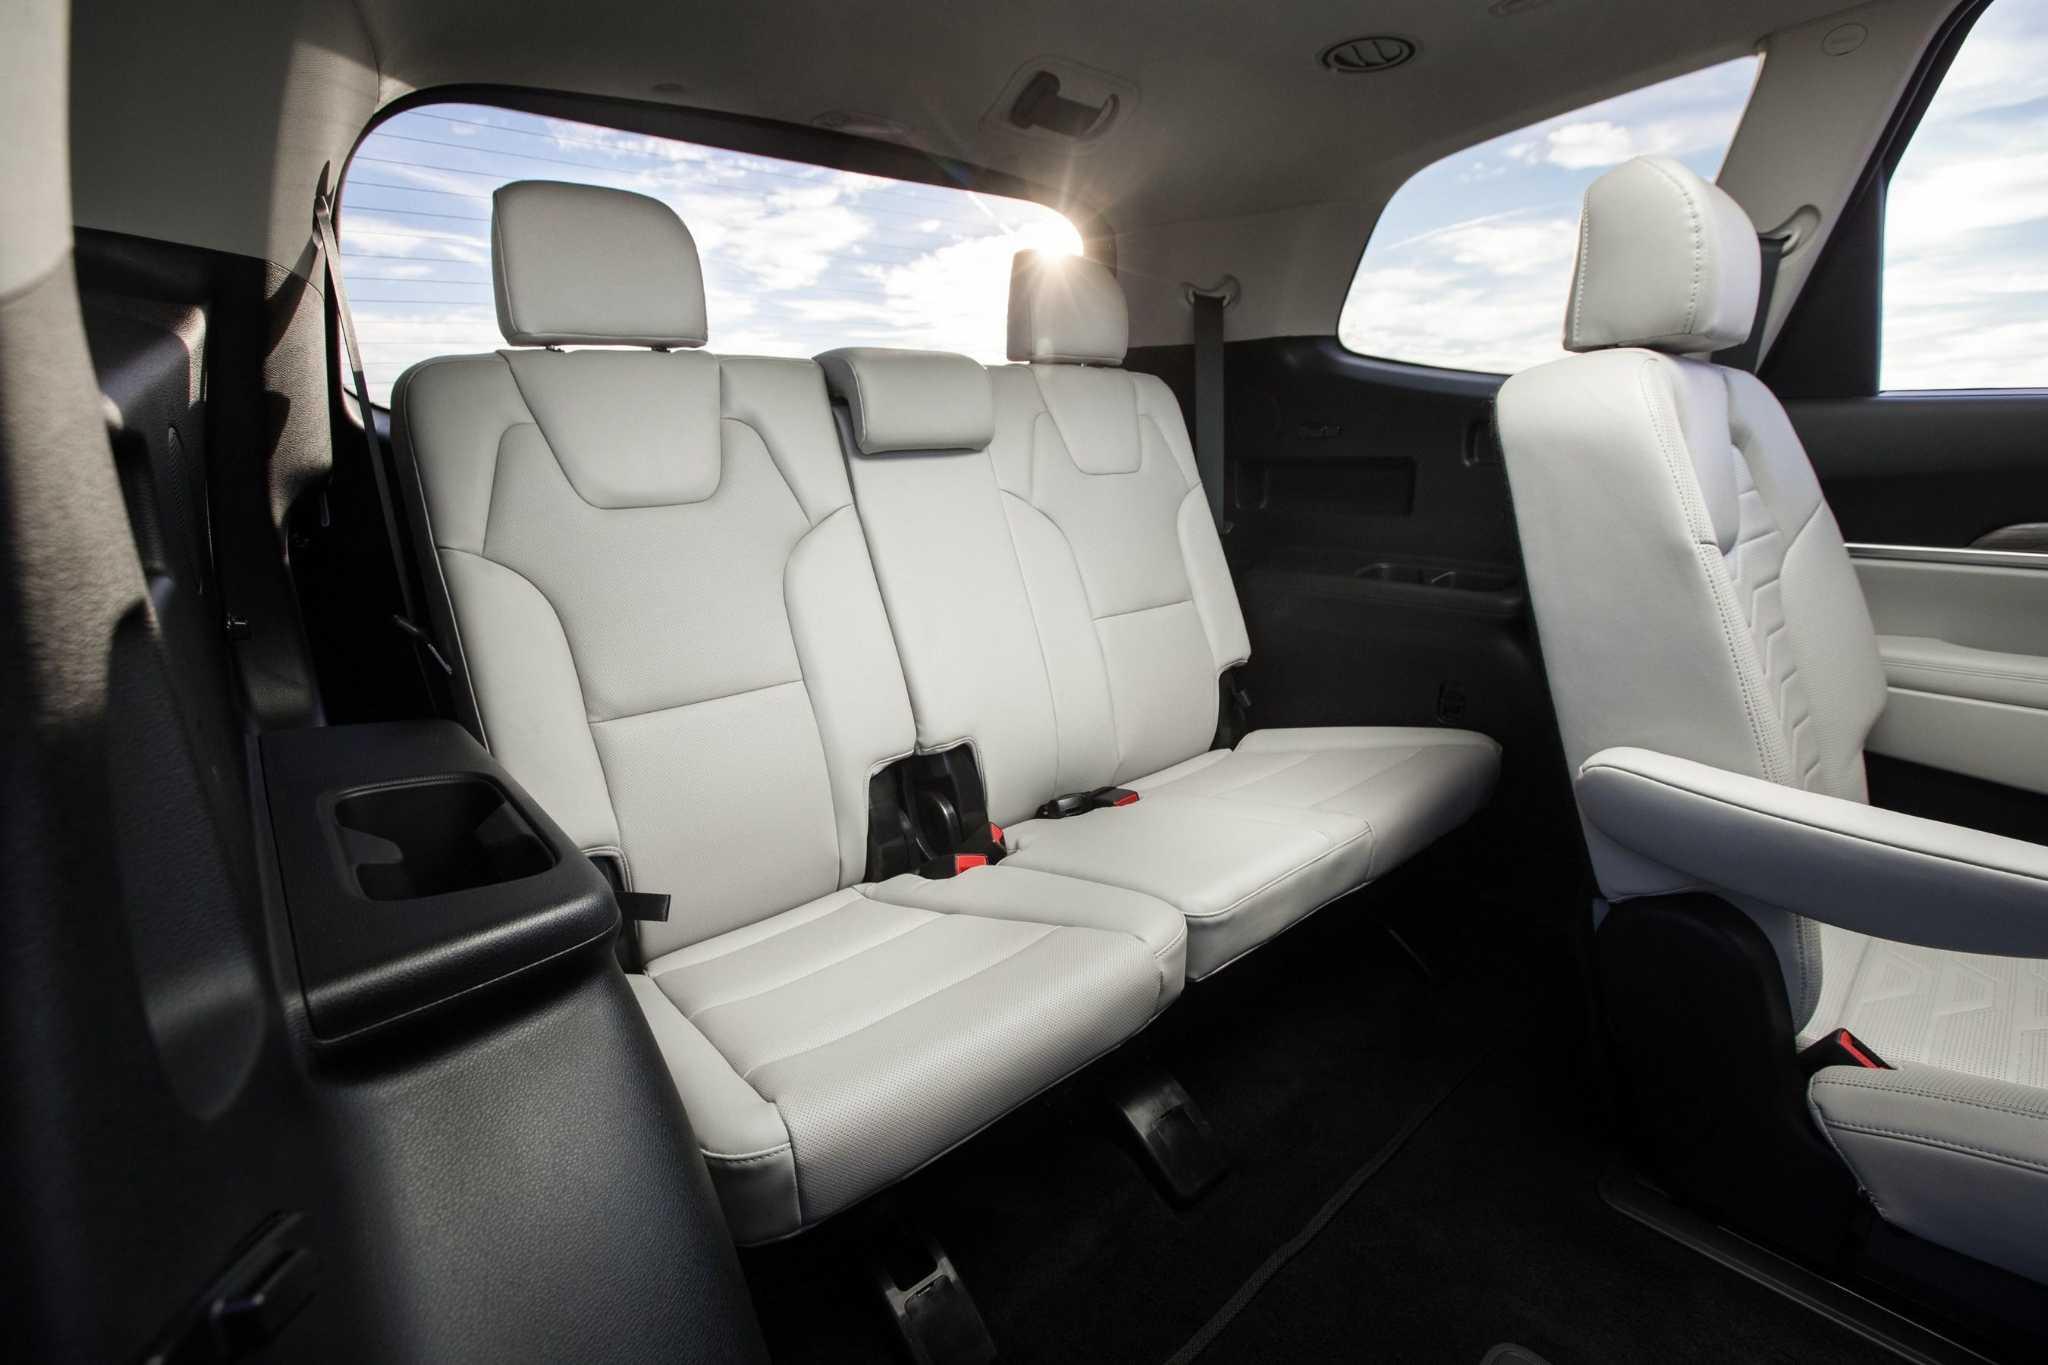 Kia's Rear Occupant Alert system standard on Telluride 2020